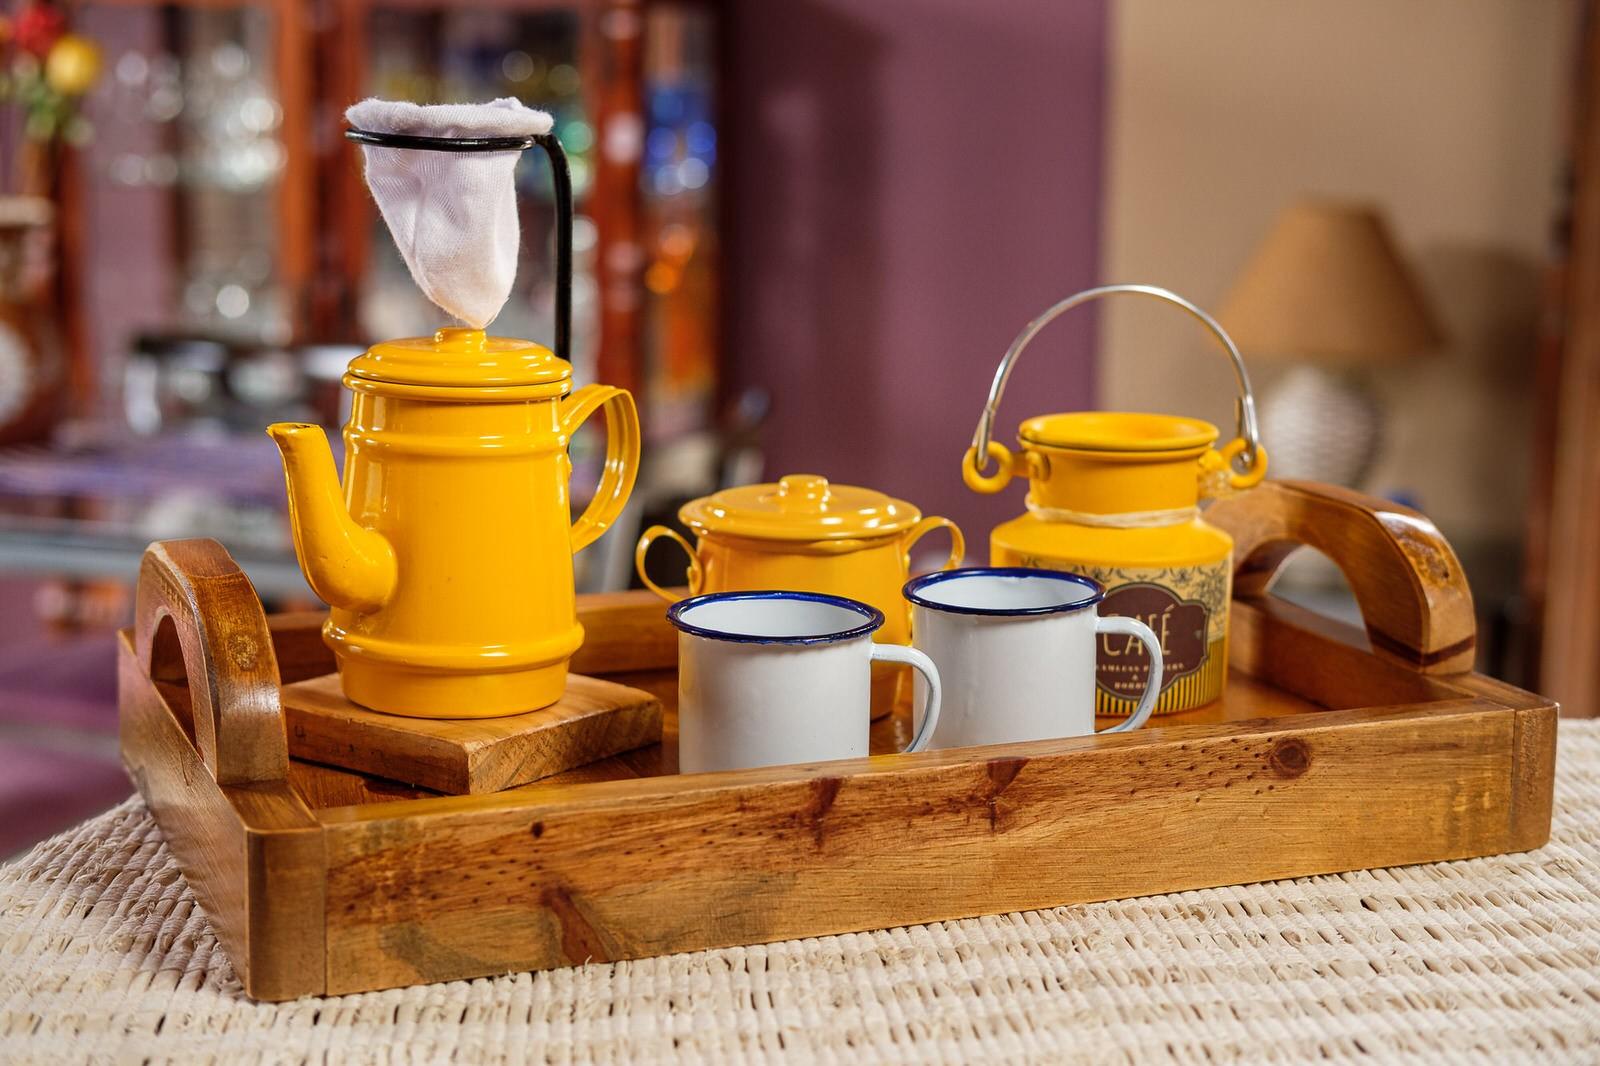 Kit Bandeja + Peças de Café / Amarelo com Canecas Brancas